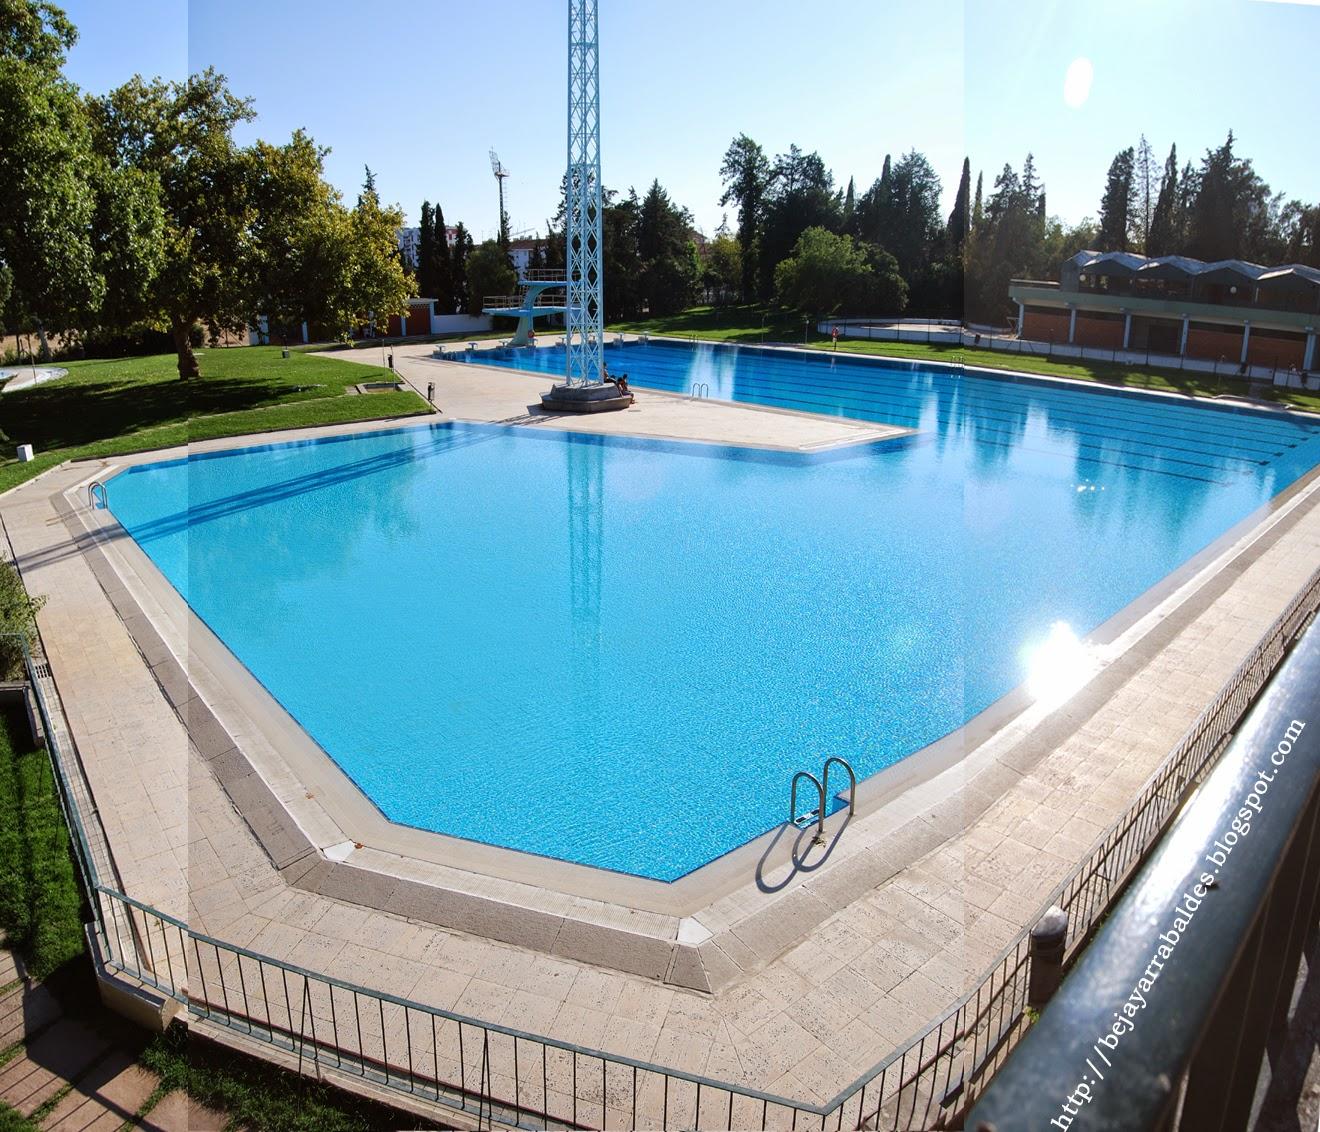 Beja y arrabaldes piscina municipal descoberta de beja for Piscina municipal